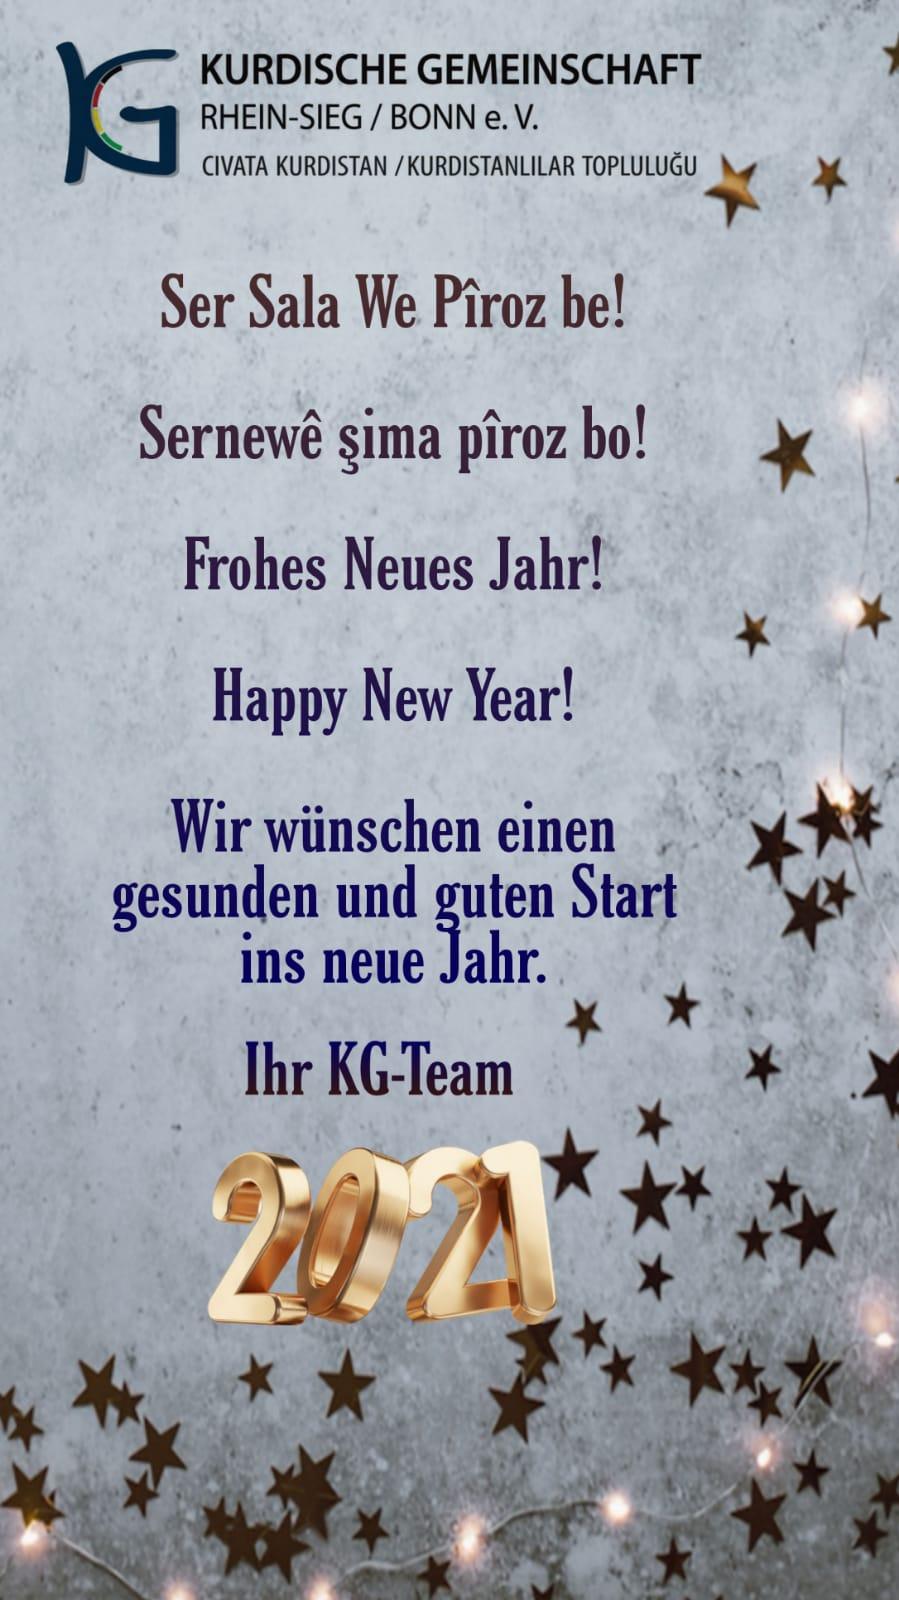 Auf ein gesundes neues Jahr